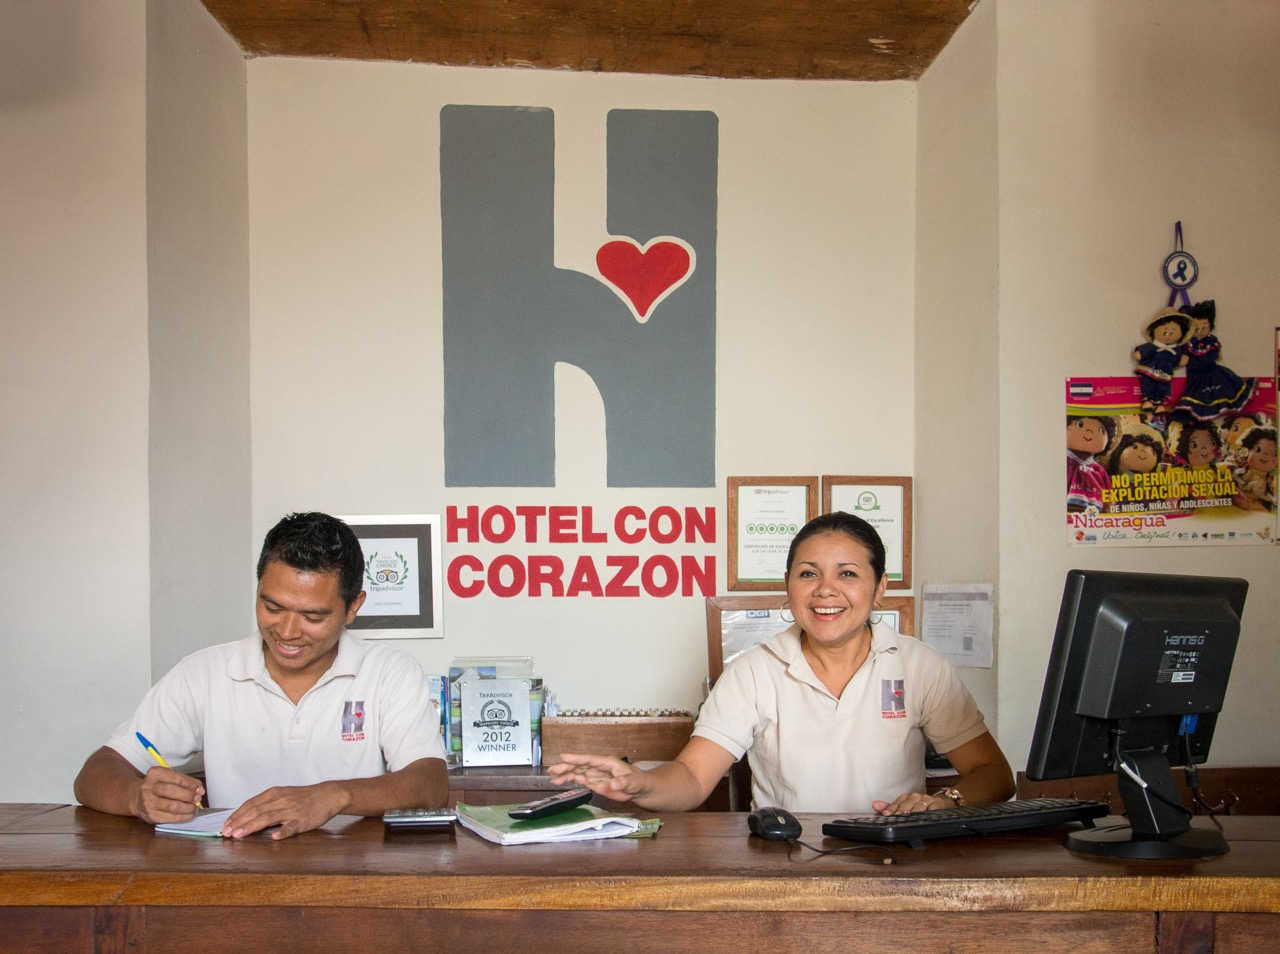 Hotel con Corazón - Hospitality Brand Purpose - Content Marketing Strategy